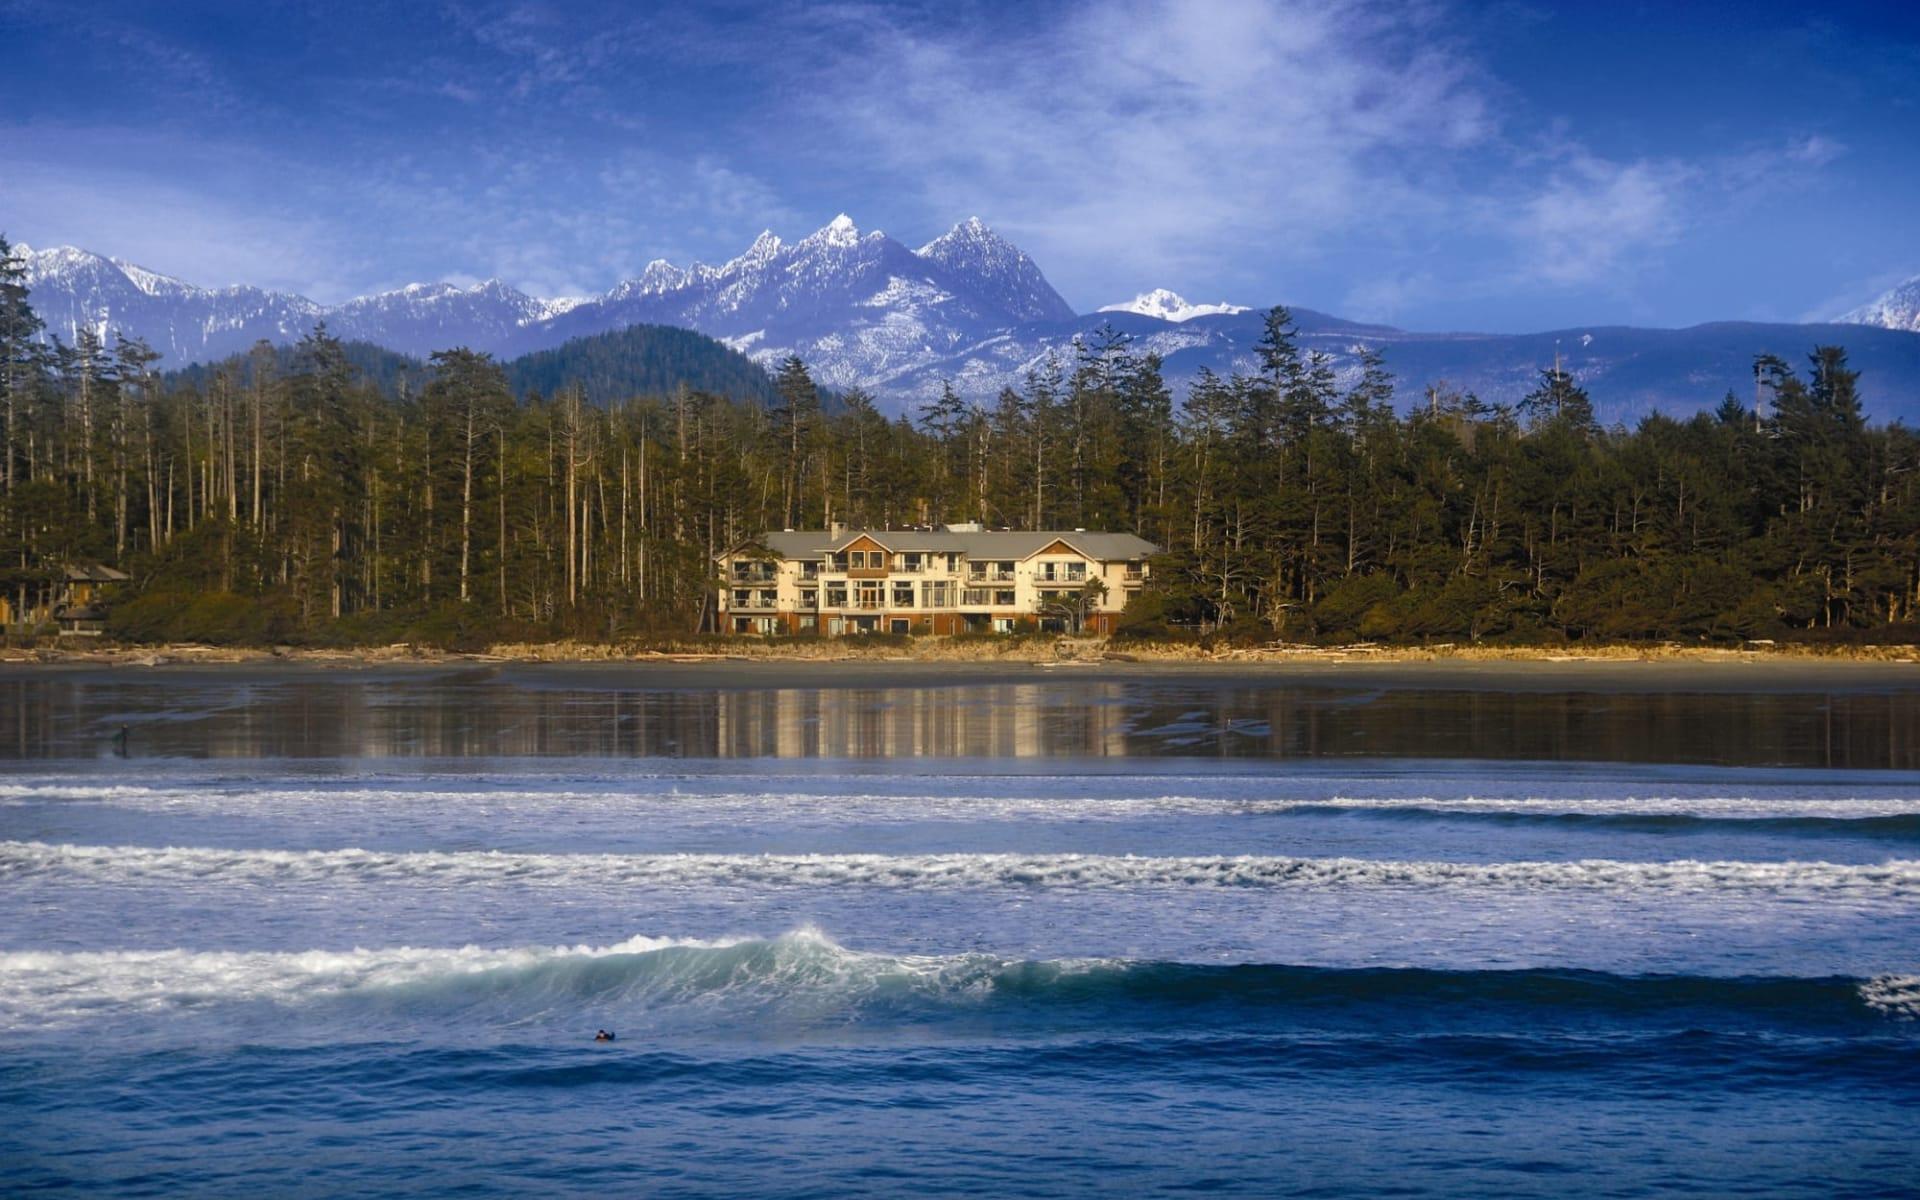 Long Beach Lodge Resort in Tofino:  Long Beach Lodge Resort_ViewFromOcean